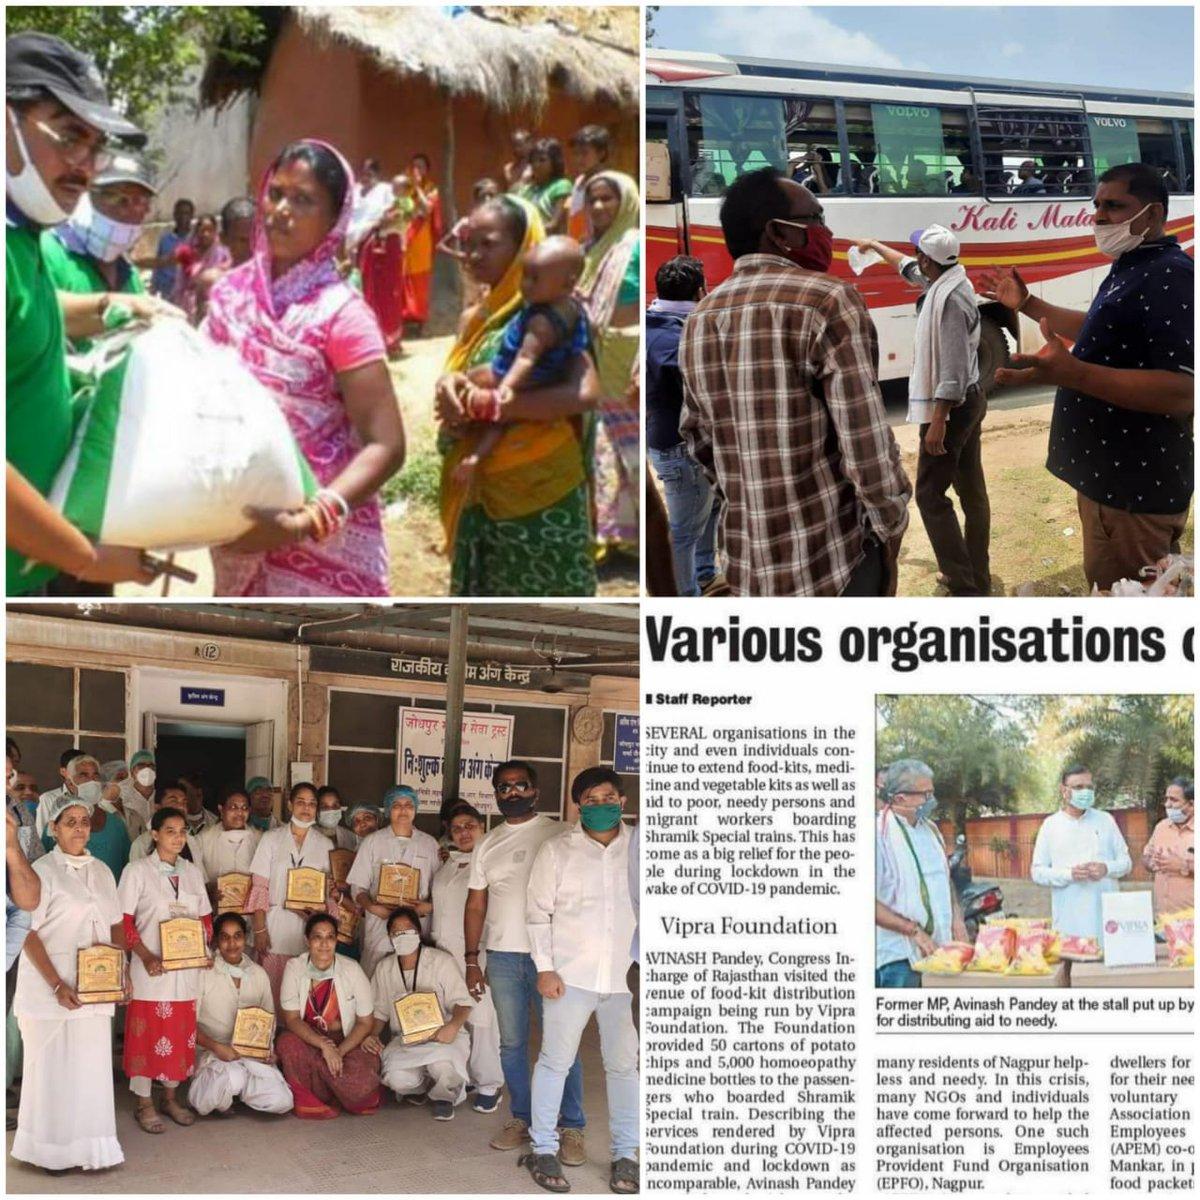 गत सप्ताह #विप्र_फाउंडेशन की देशव्यापी सेवाओं की एक झलक  #रायरंगपुर में बड़ी संख्या में #आदिवासी ग्रामीणों को राशन वितरण, #गोवा में #निर्जला_एकादशी पर शर्बत वितरण, #संबलपुर में मजदूरों को ले जा रही बसों में नाश्ता पानी भेंट,   #CoronaWarriors  #COVID19India https://t.co/Vm5tT4zDP2